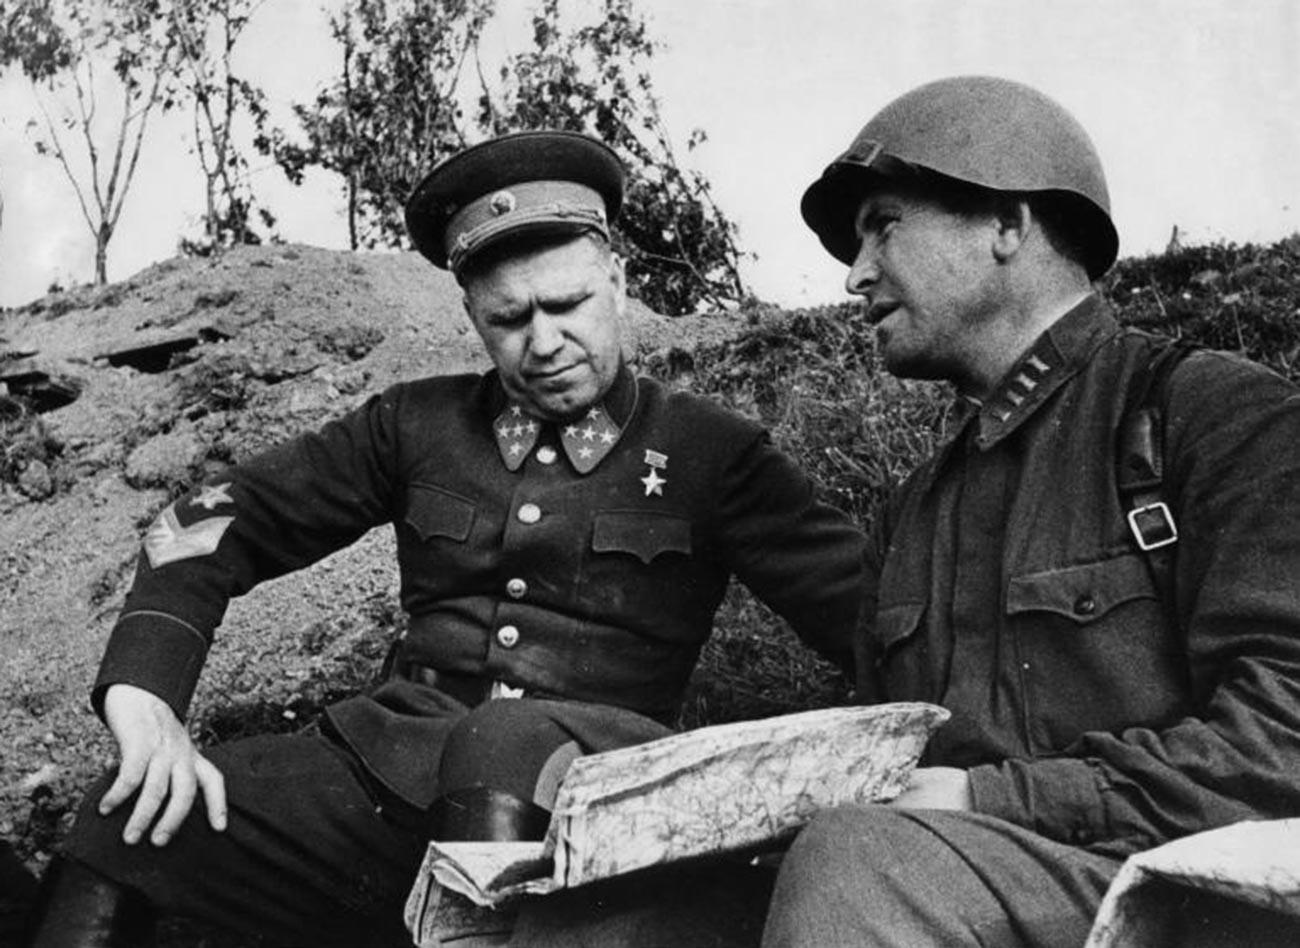 Командующий Киевского военного округа генерал армии Георгий Жуков и дивизионный комиссар Миронов.